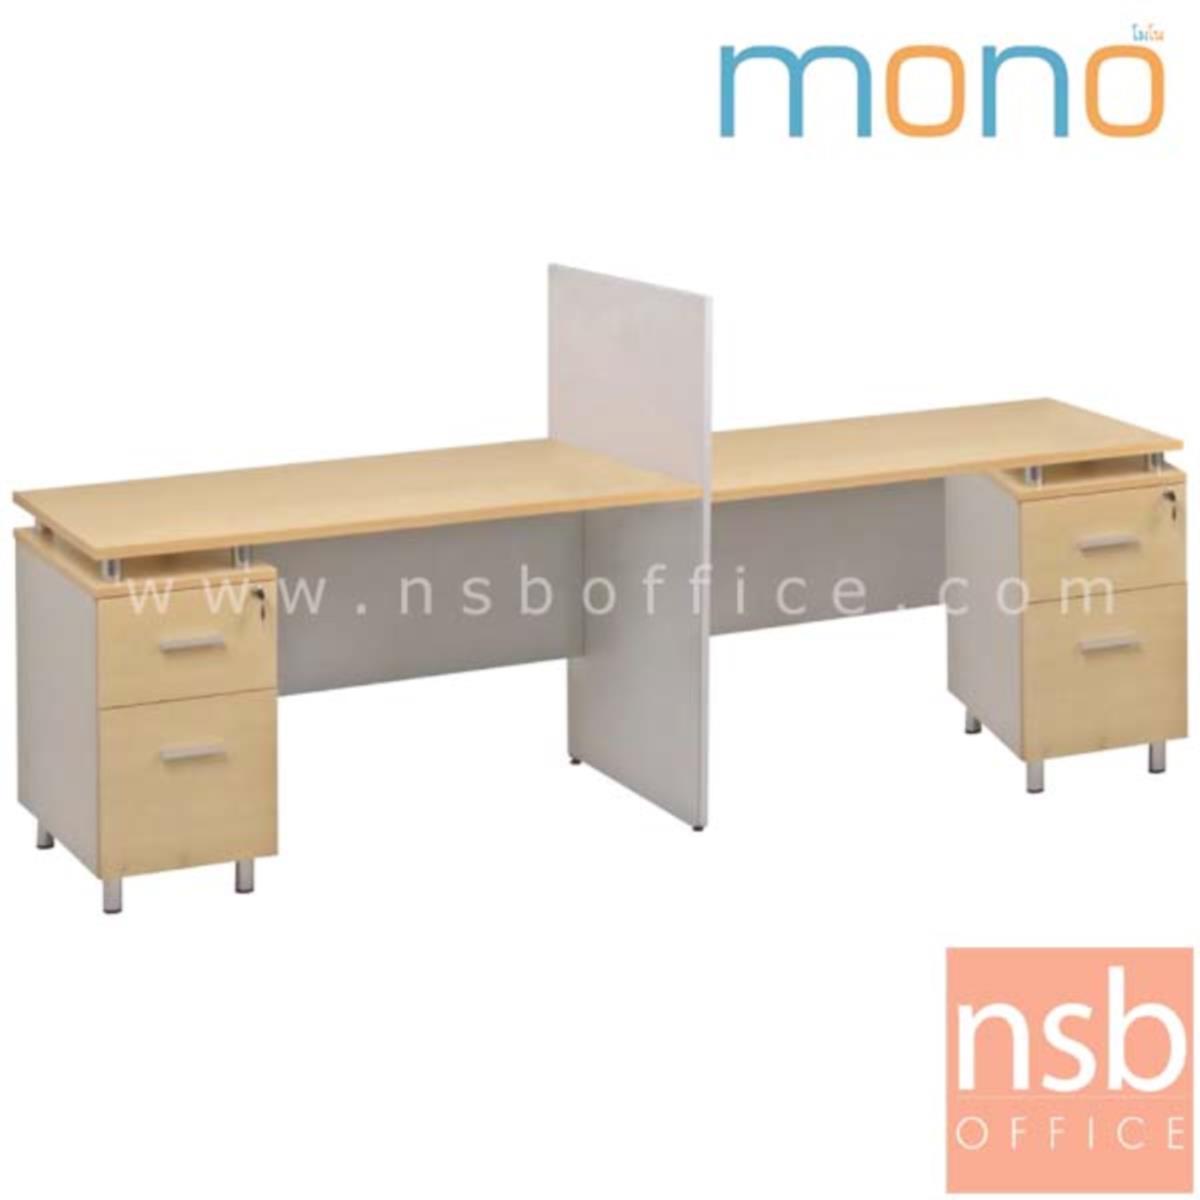 A27A032:ชุดโต๊ะทำงานกลุ่ม 2 ที่นั่ง  รุ่น WYT-2432 ขนาด 240W ,320W cm.  พร้อมไม้กั้นระหว่างโต๊ะ